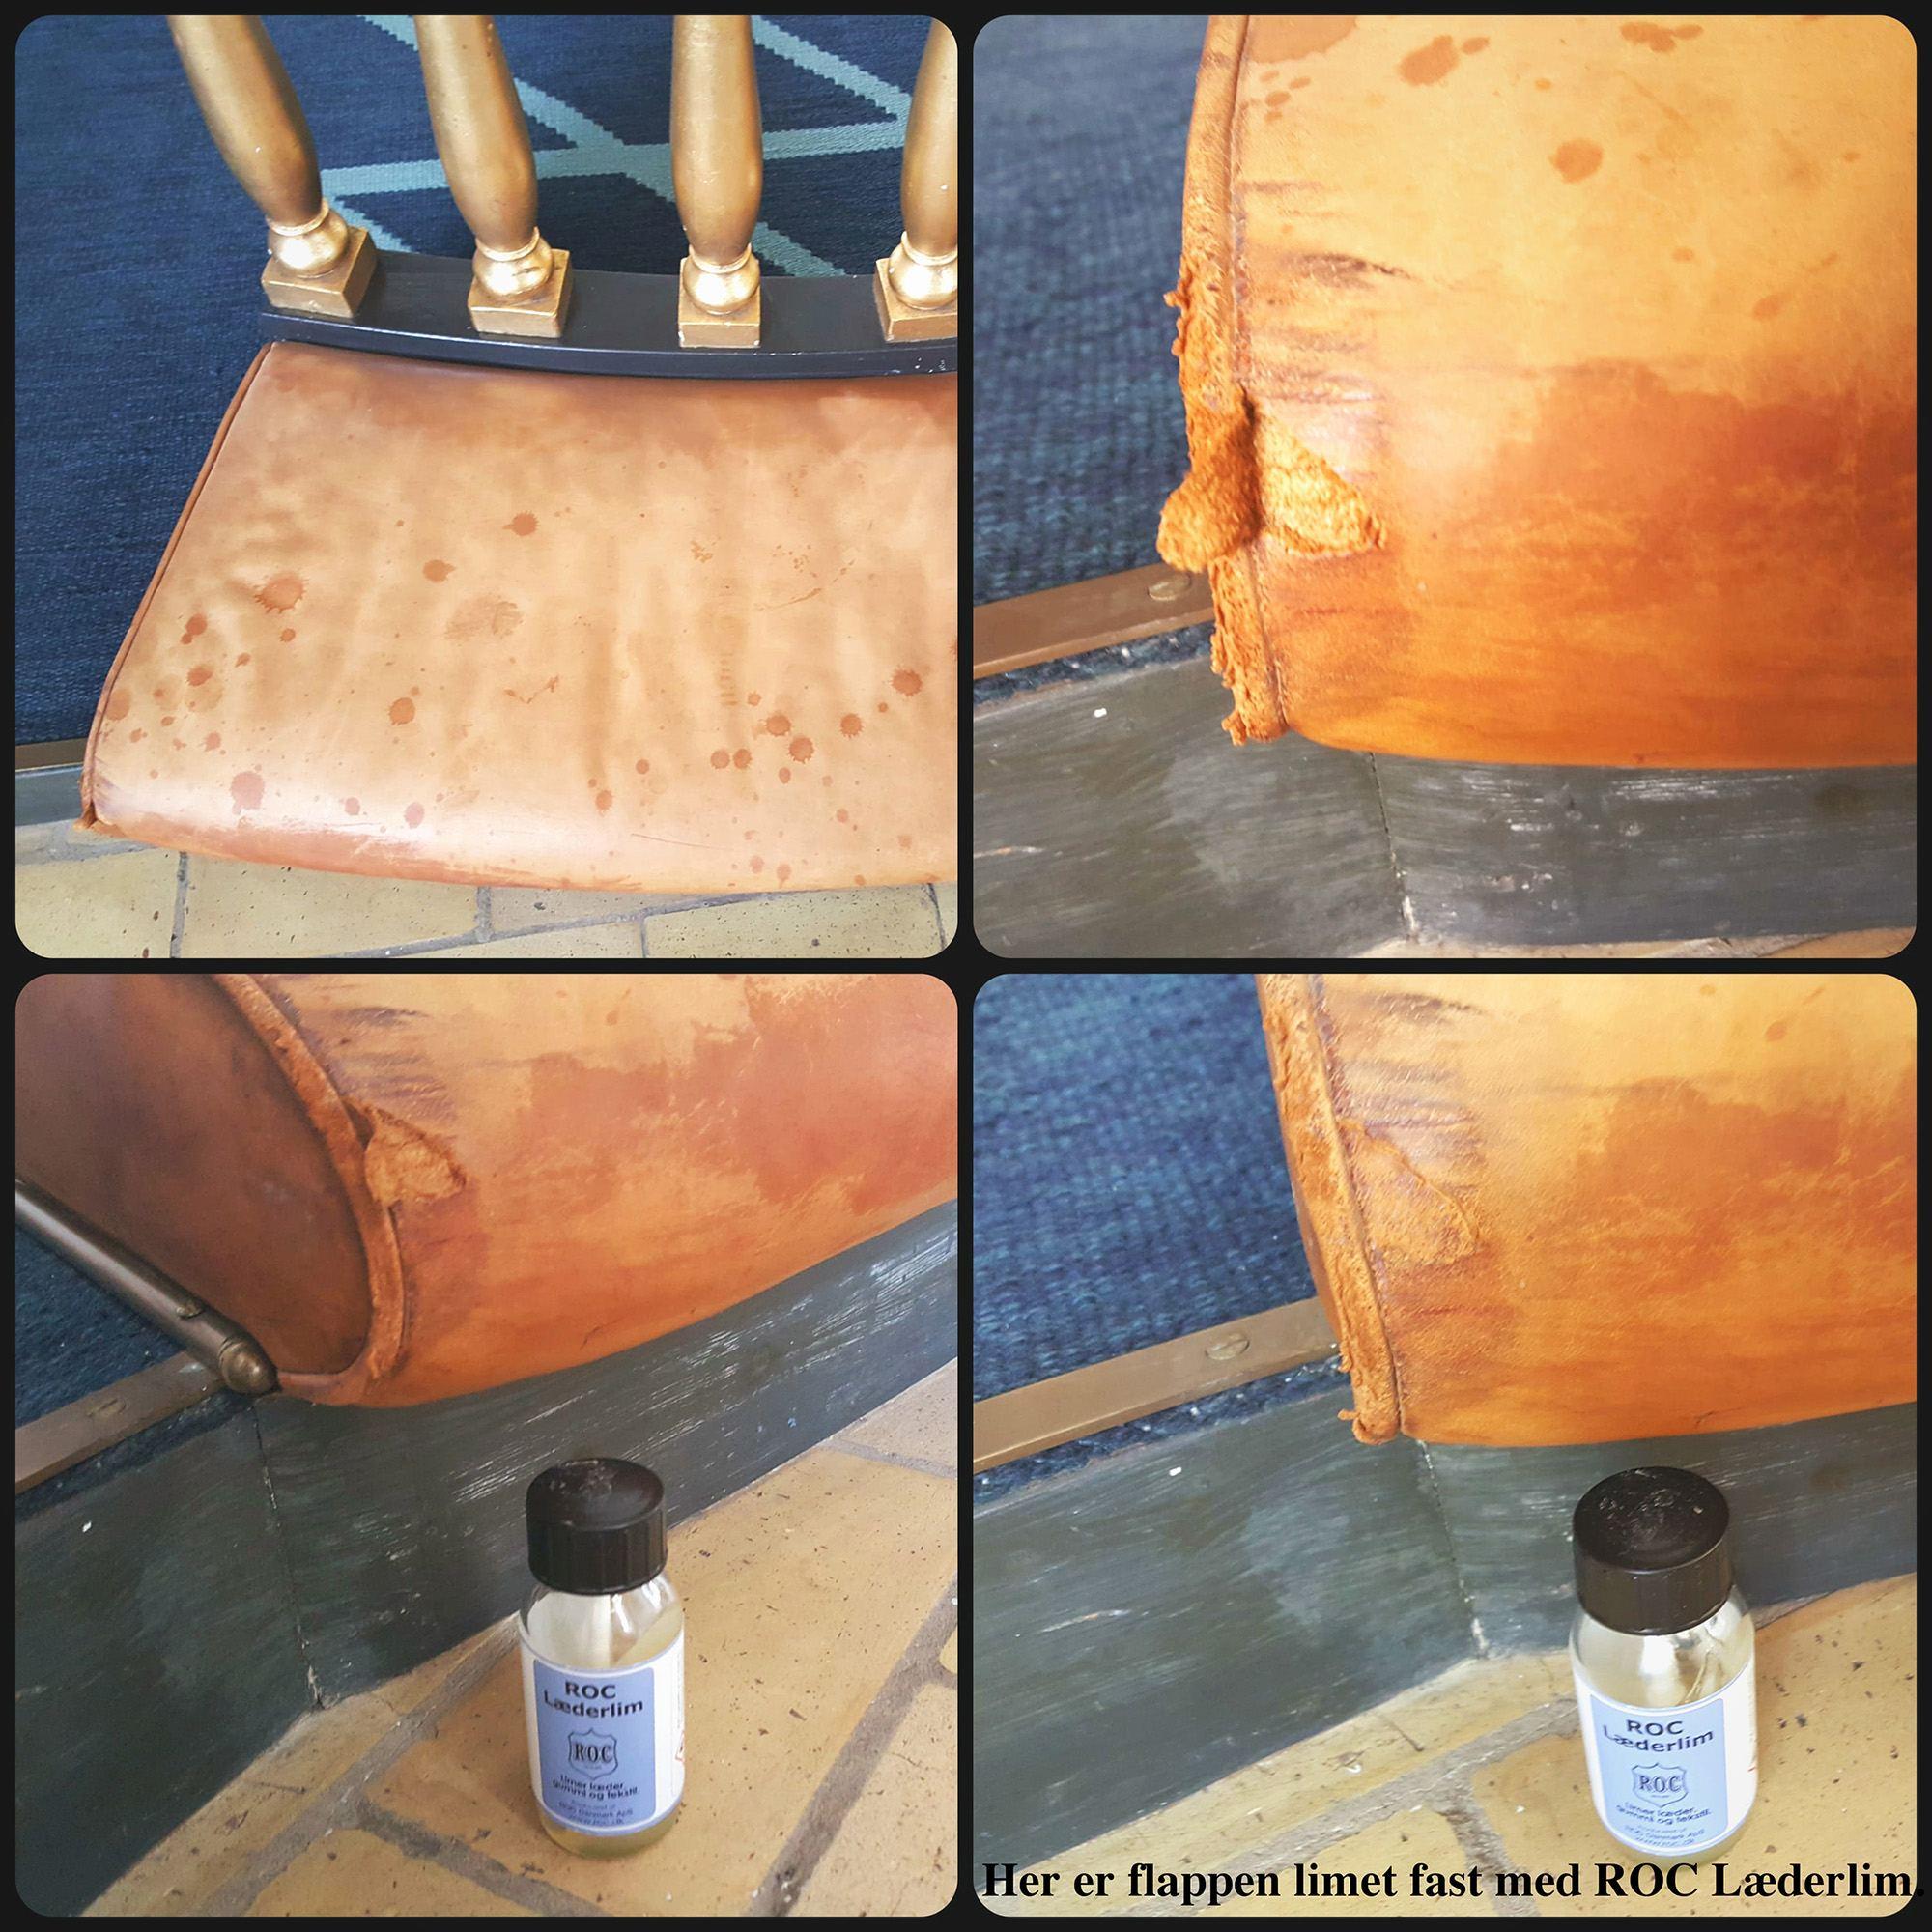 5c4f814b9cb Spørgsmål og svar - Læderpleje og farve til lædermøbler - ROC